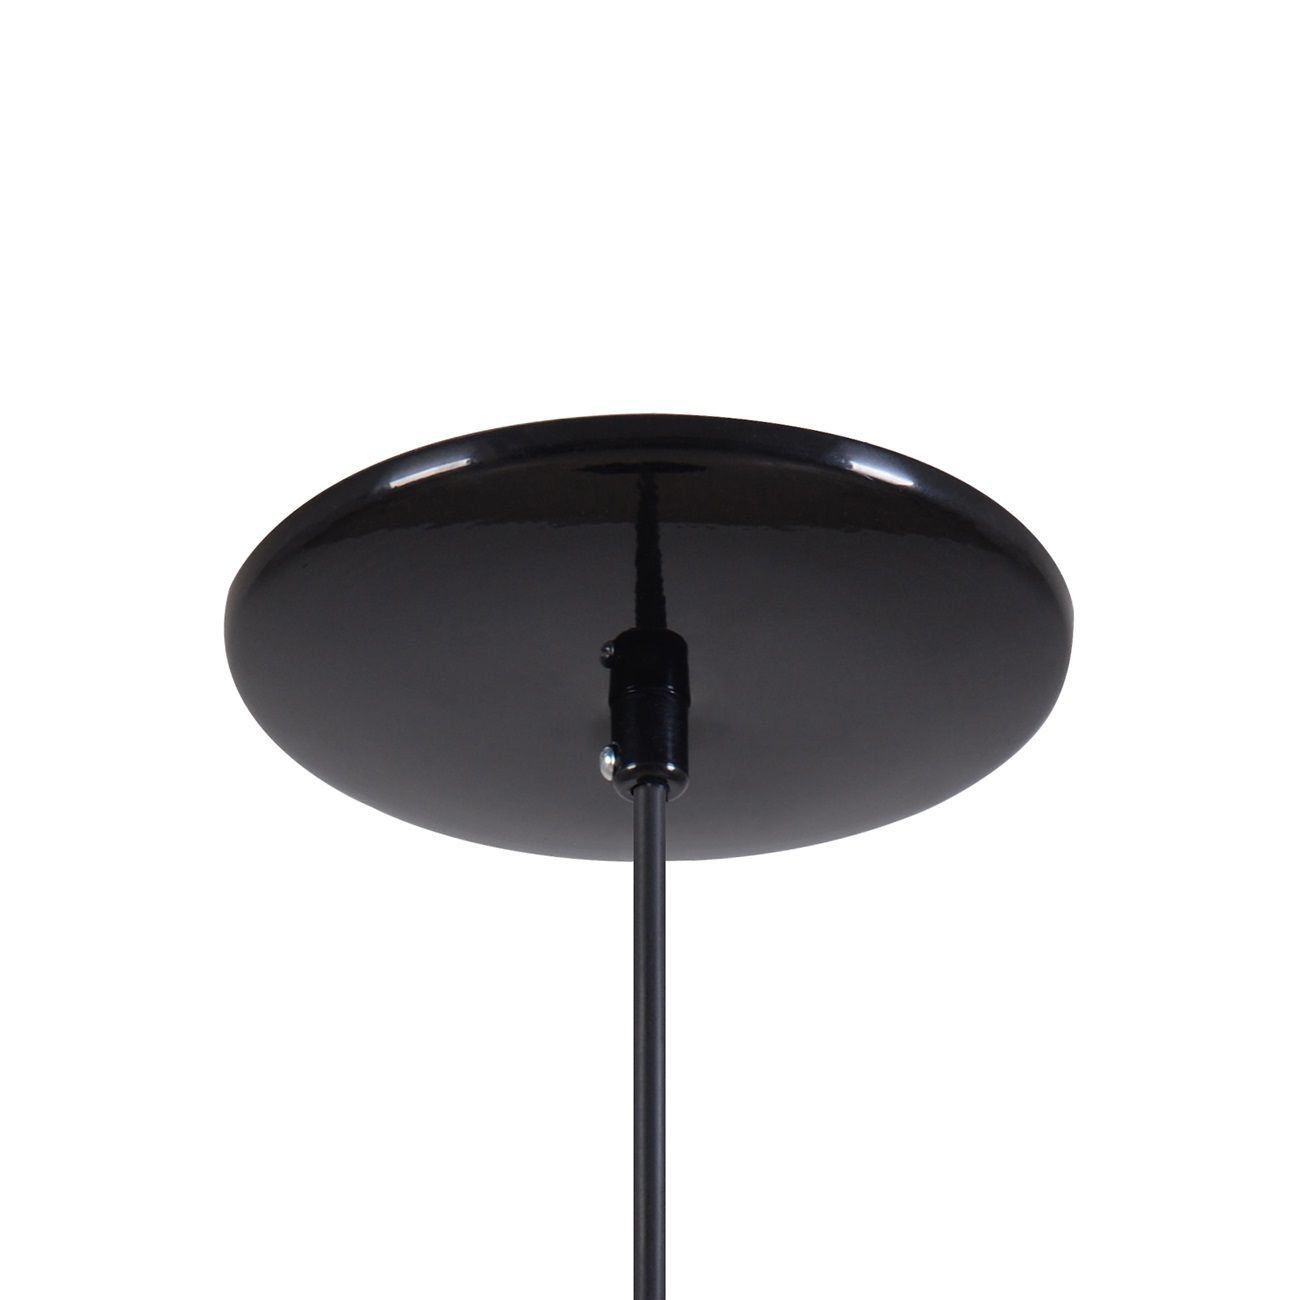 Pendente Gota Teat Luminária Lustre Alumínio Preto Brilhante C/ Laranja - Rei Da Iluminação